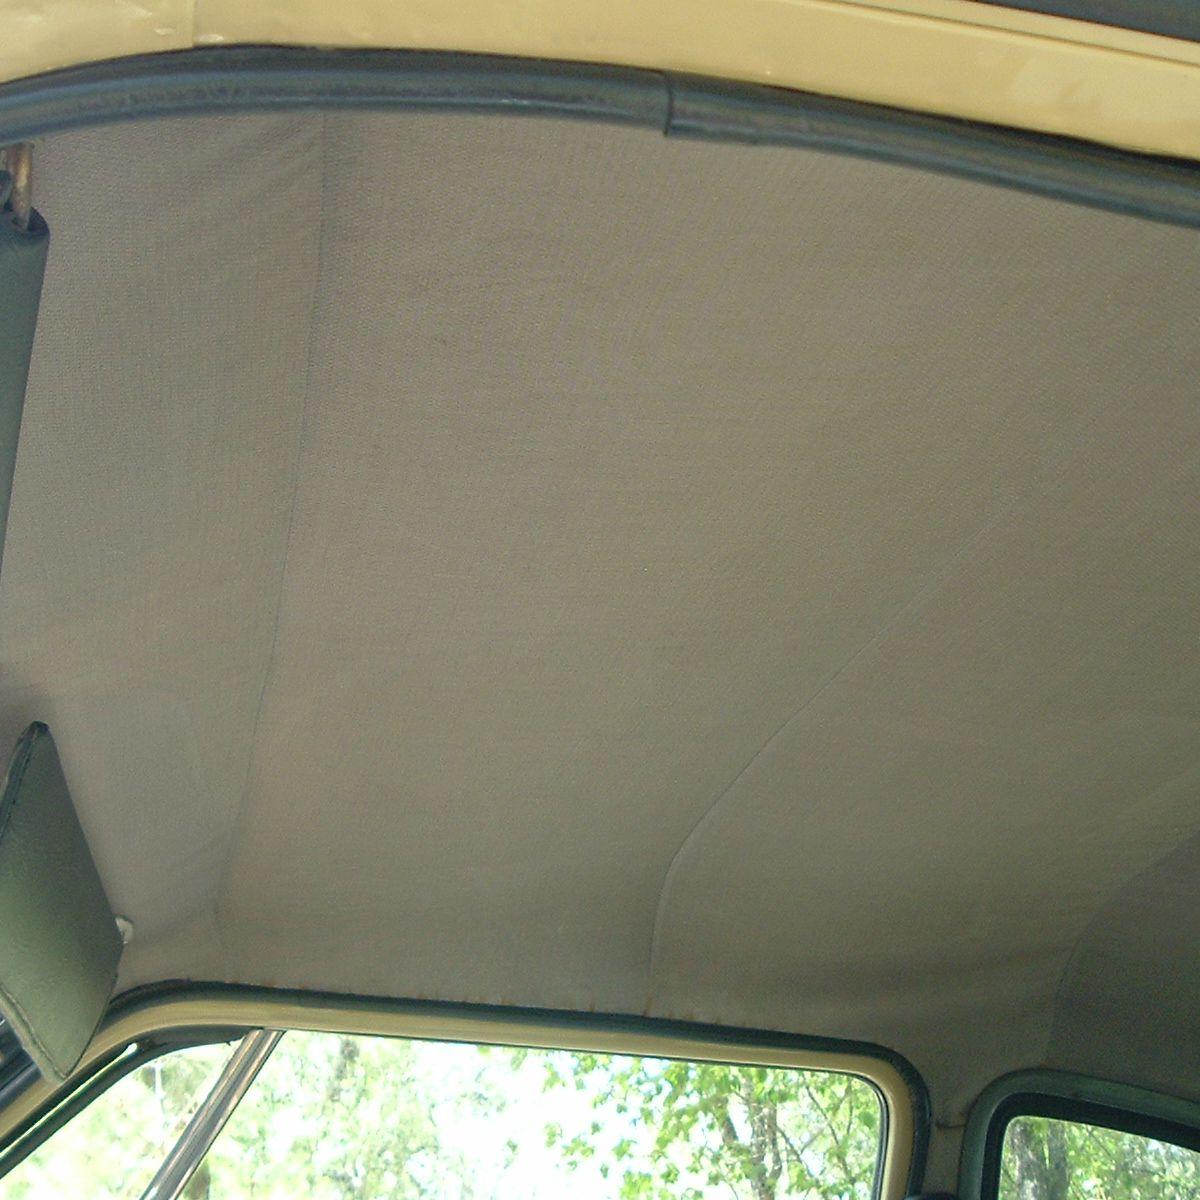 2001-2007 Dodge Grand Caravan Chrysler  Headliner Fabric Material Ceiling Fix